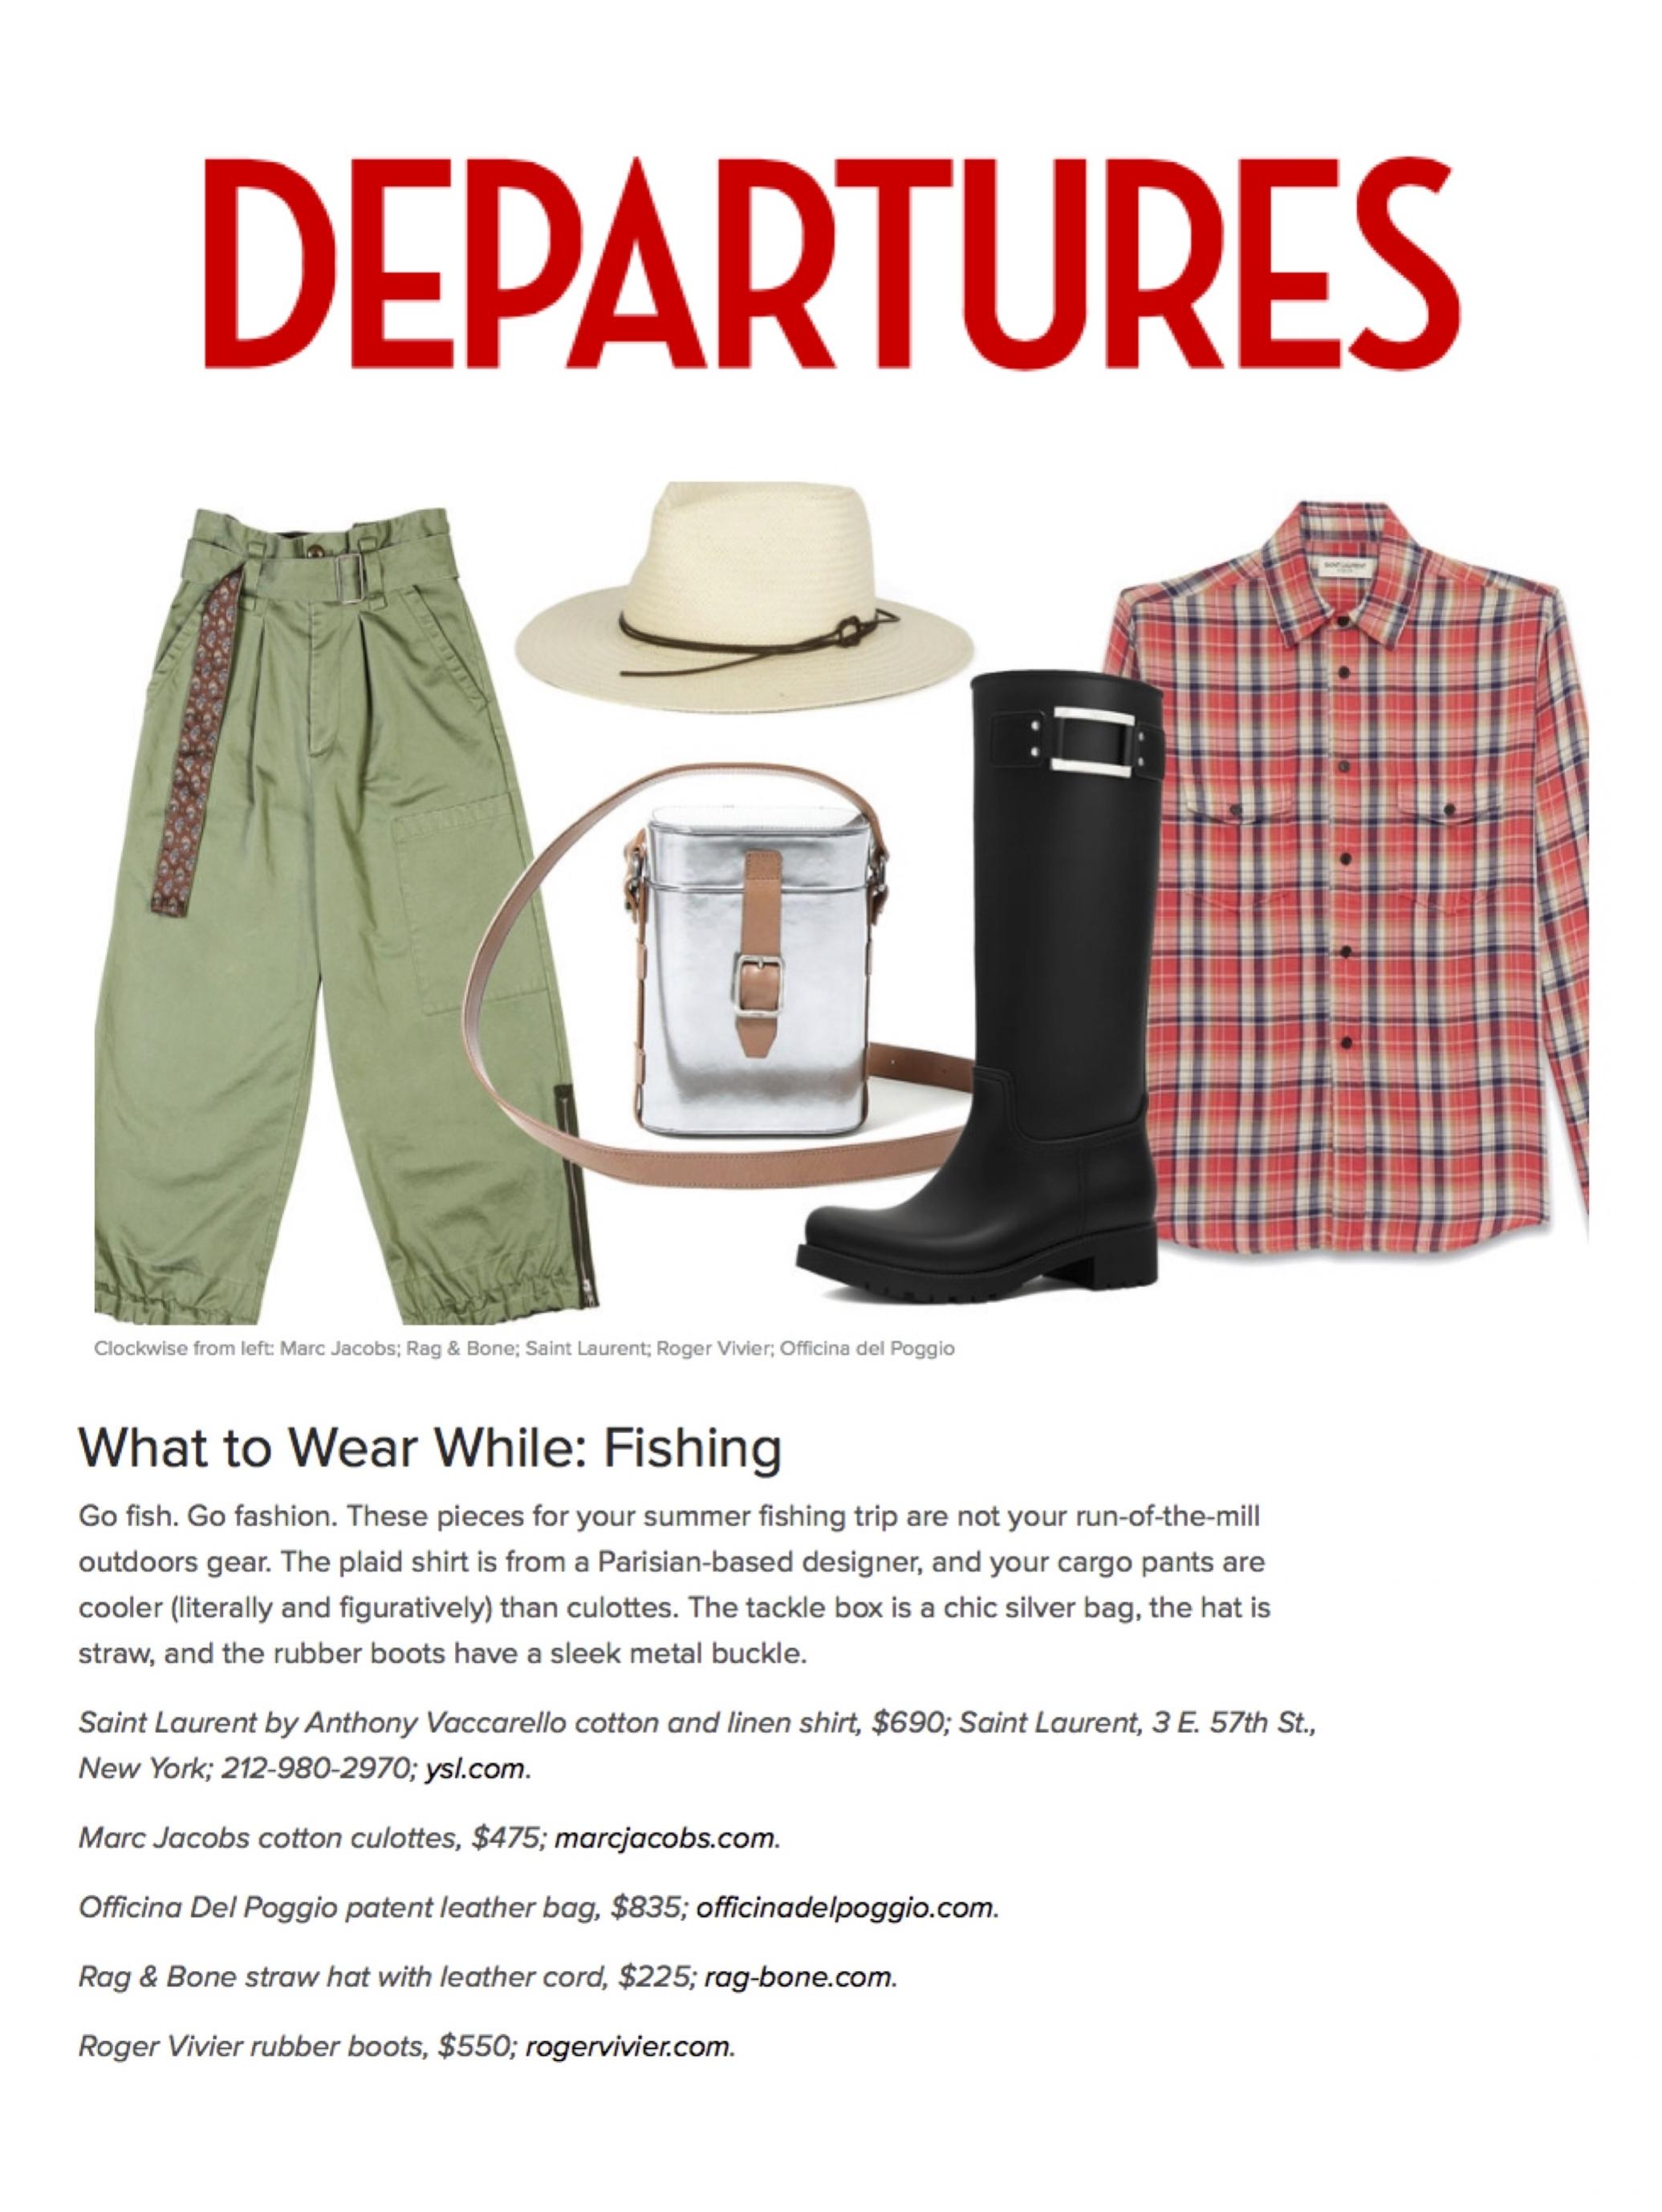 Departures-odp-officina-del-poggio-mini-safari-bag